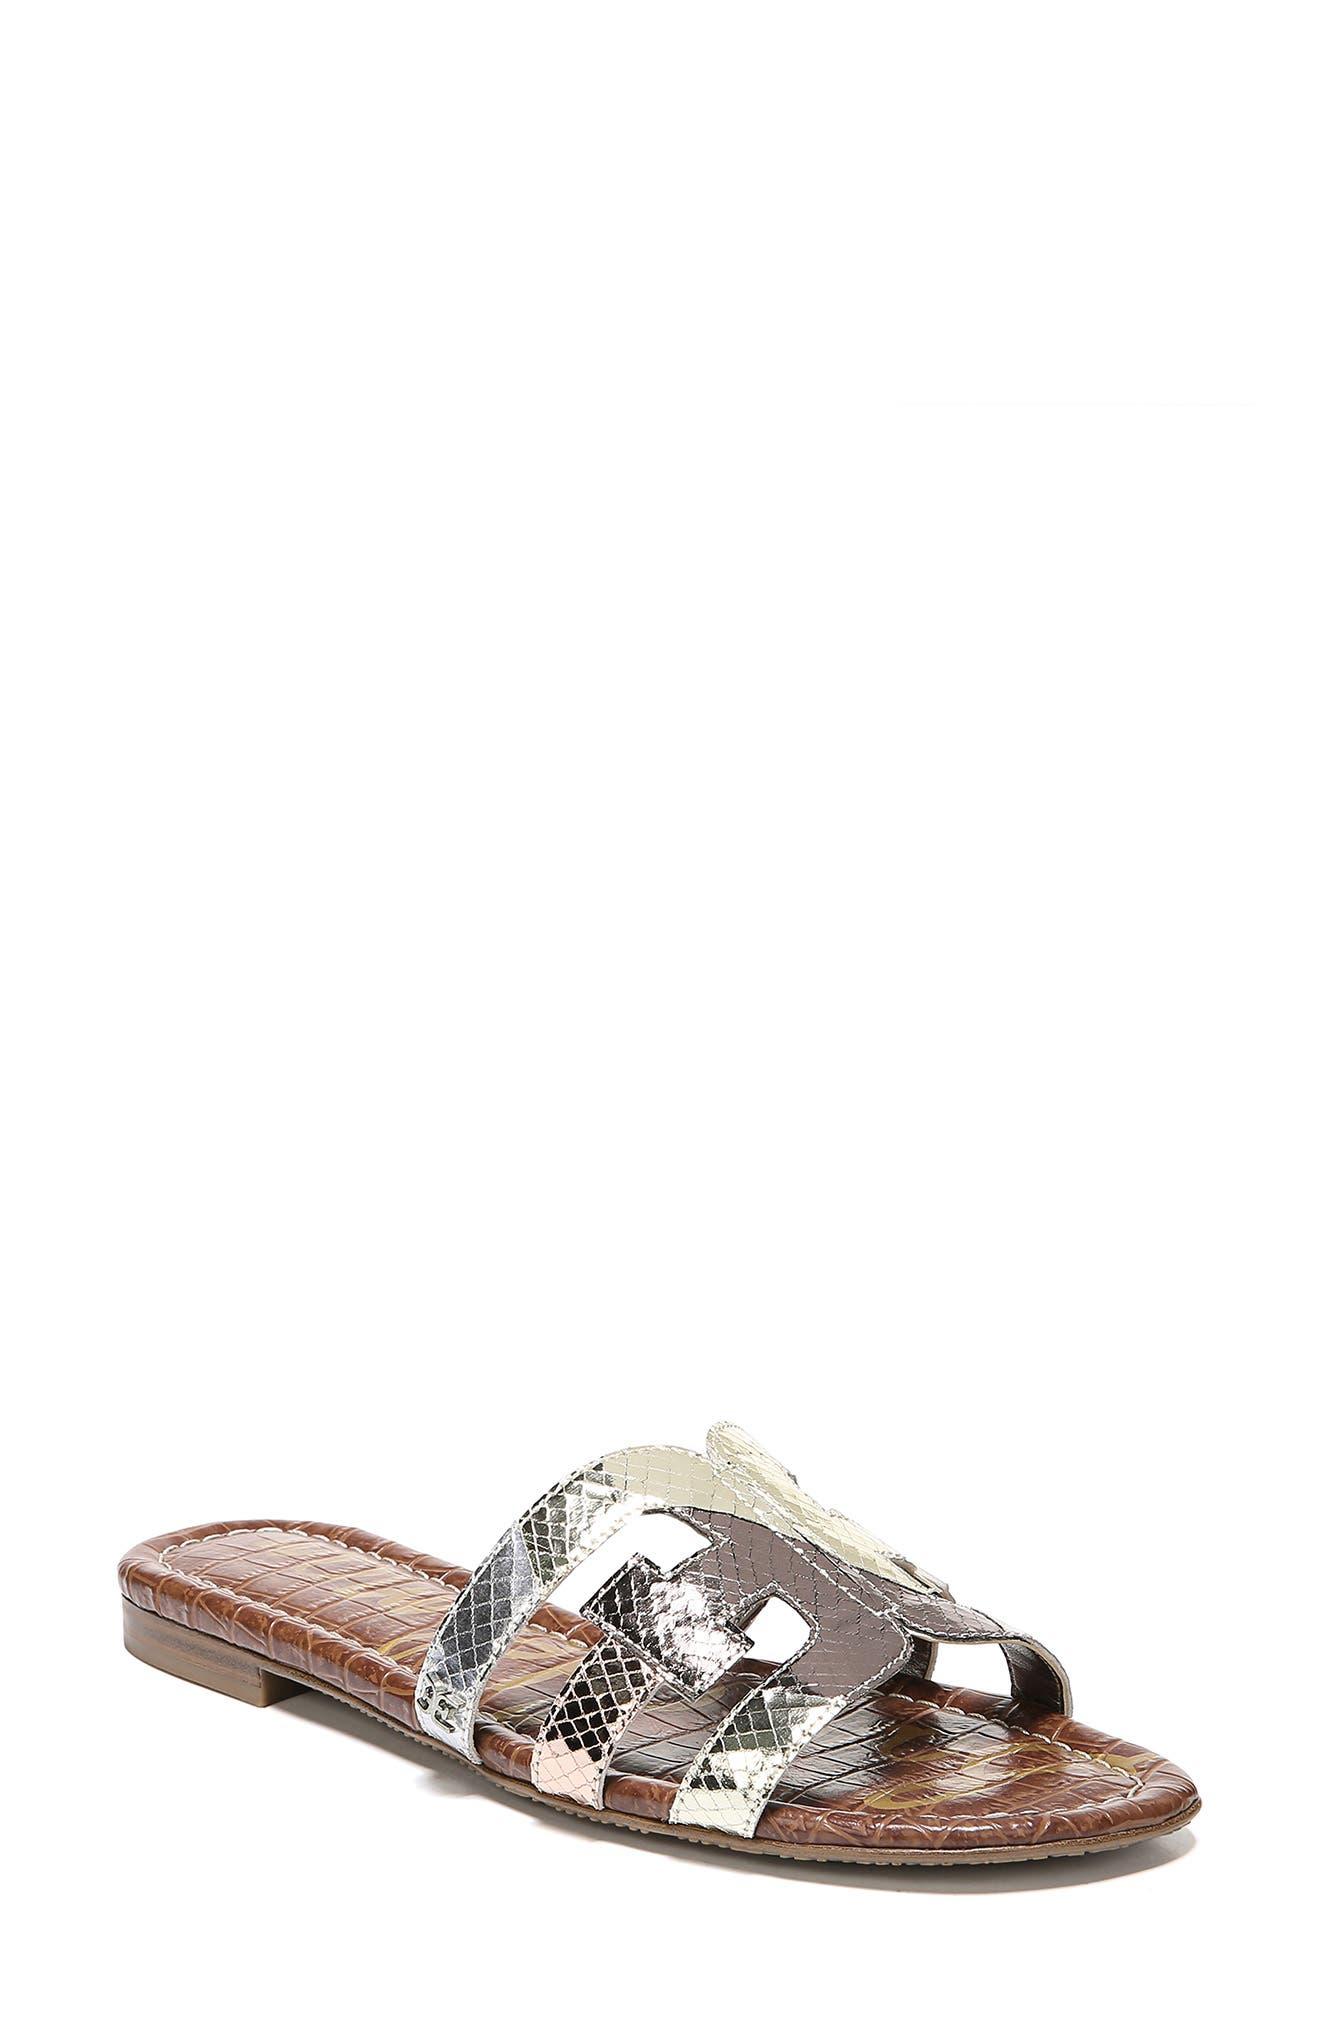 Sam Edelman Bay Cutout Slide Sandal- Metallic